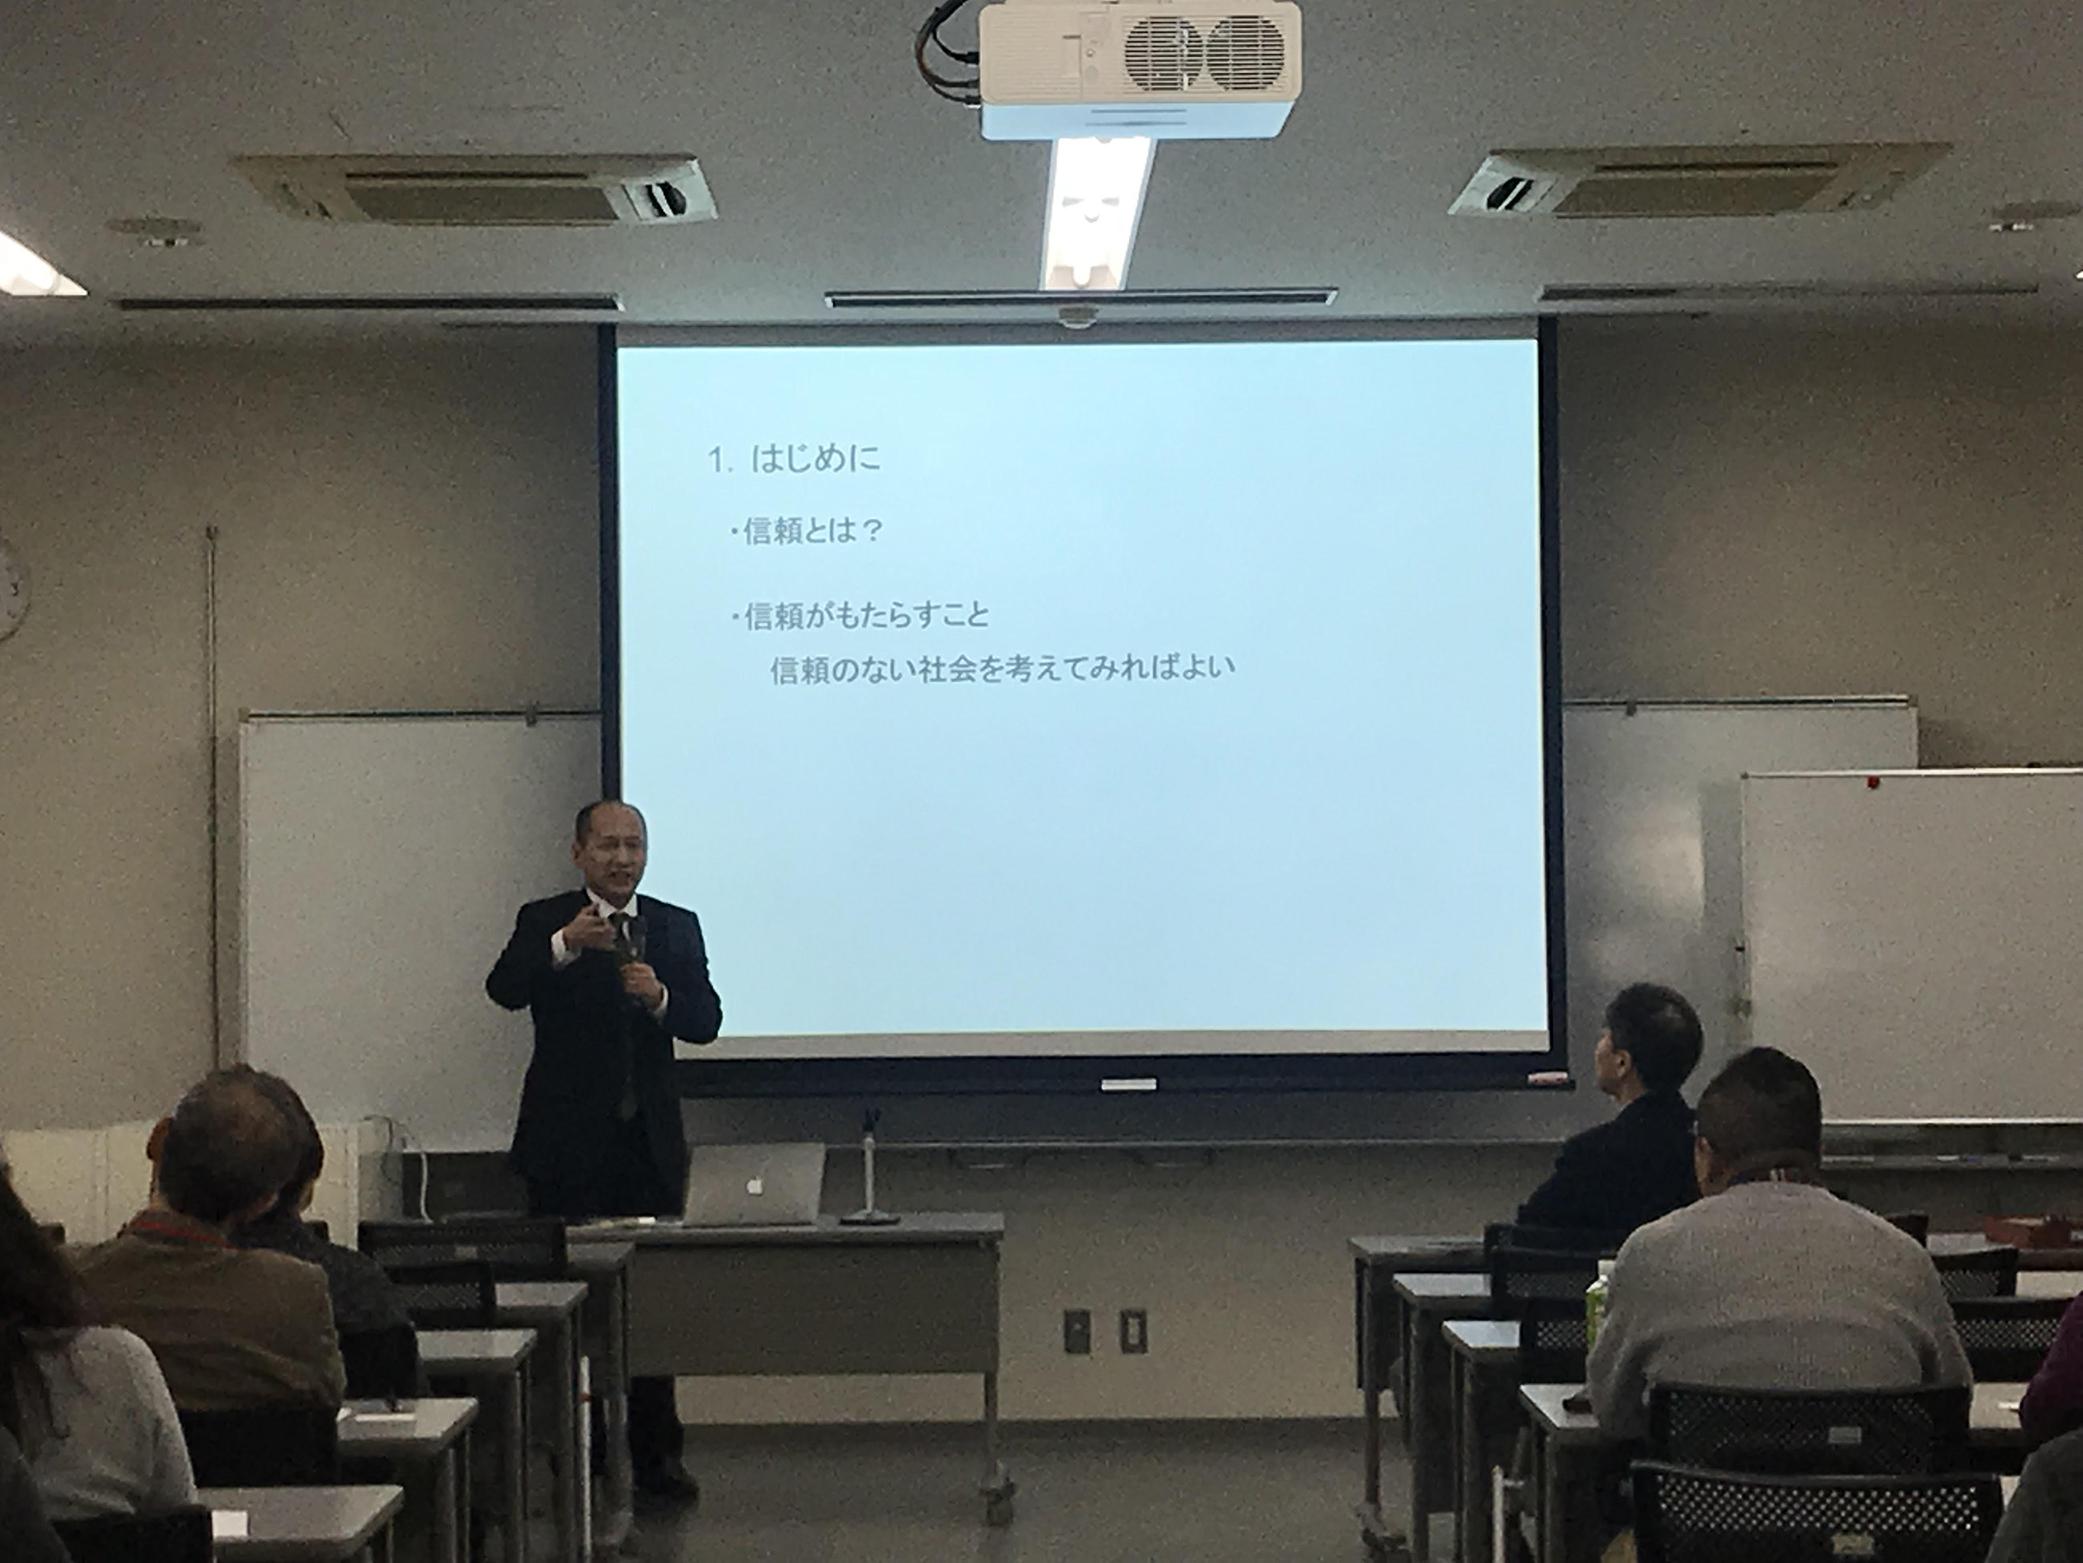 記事 《神戸学院大学 学術講演会》信頼の心理学のアイキャッチ画像